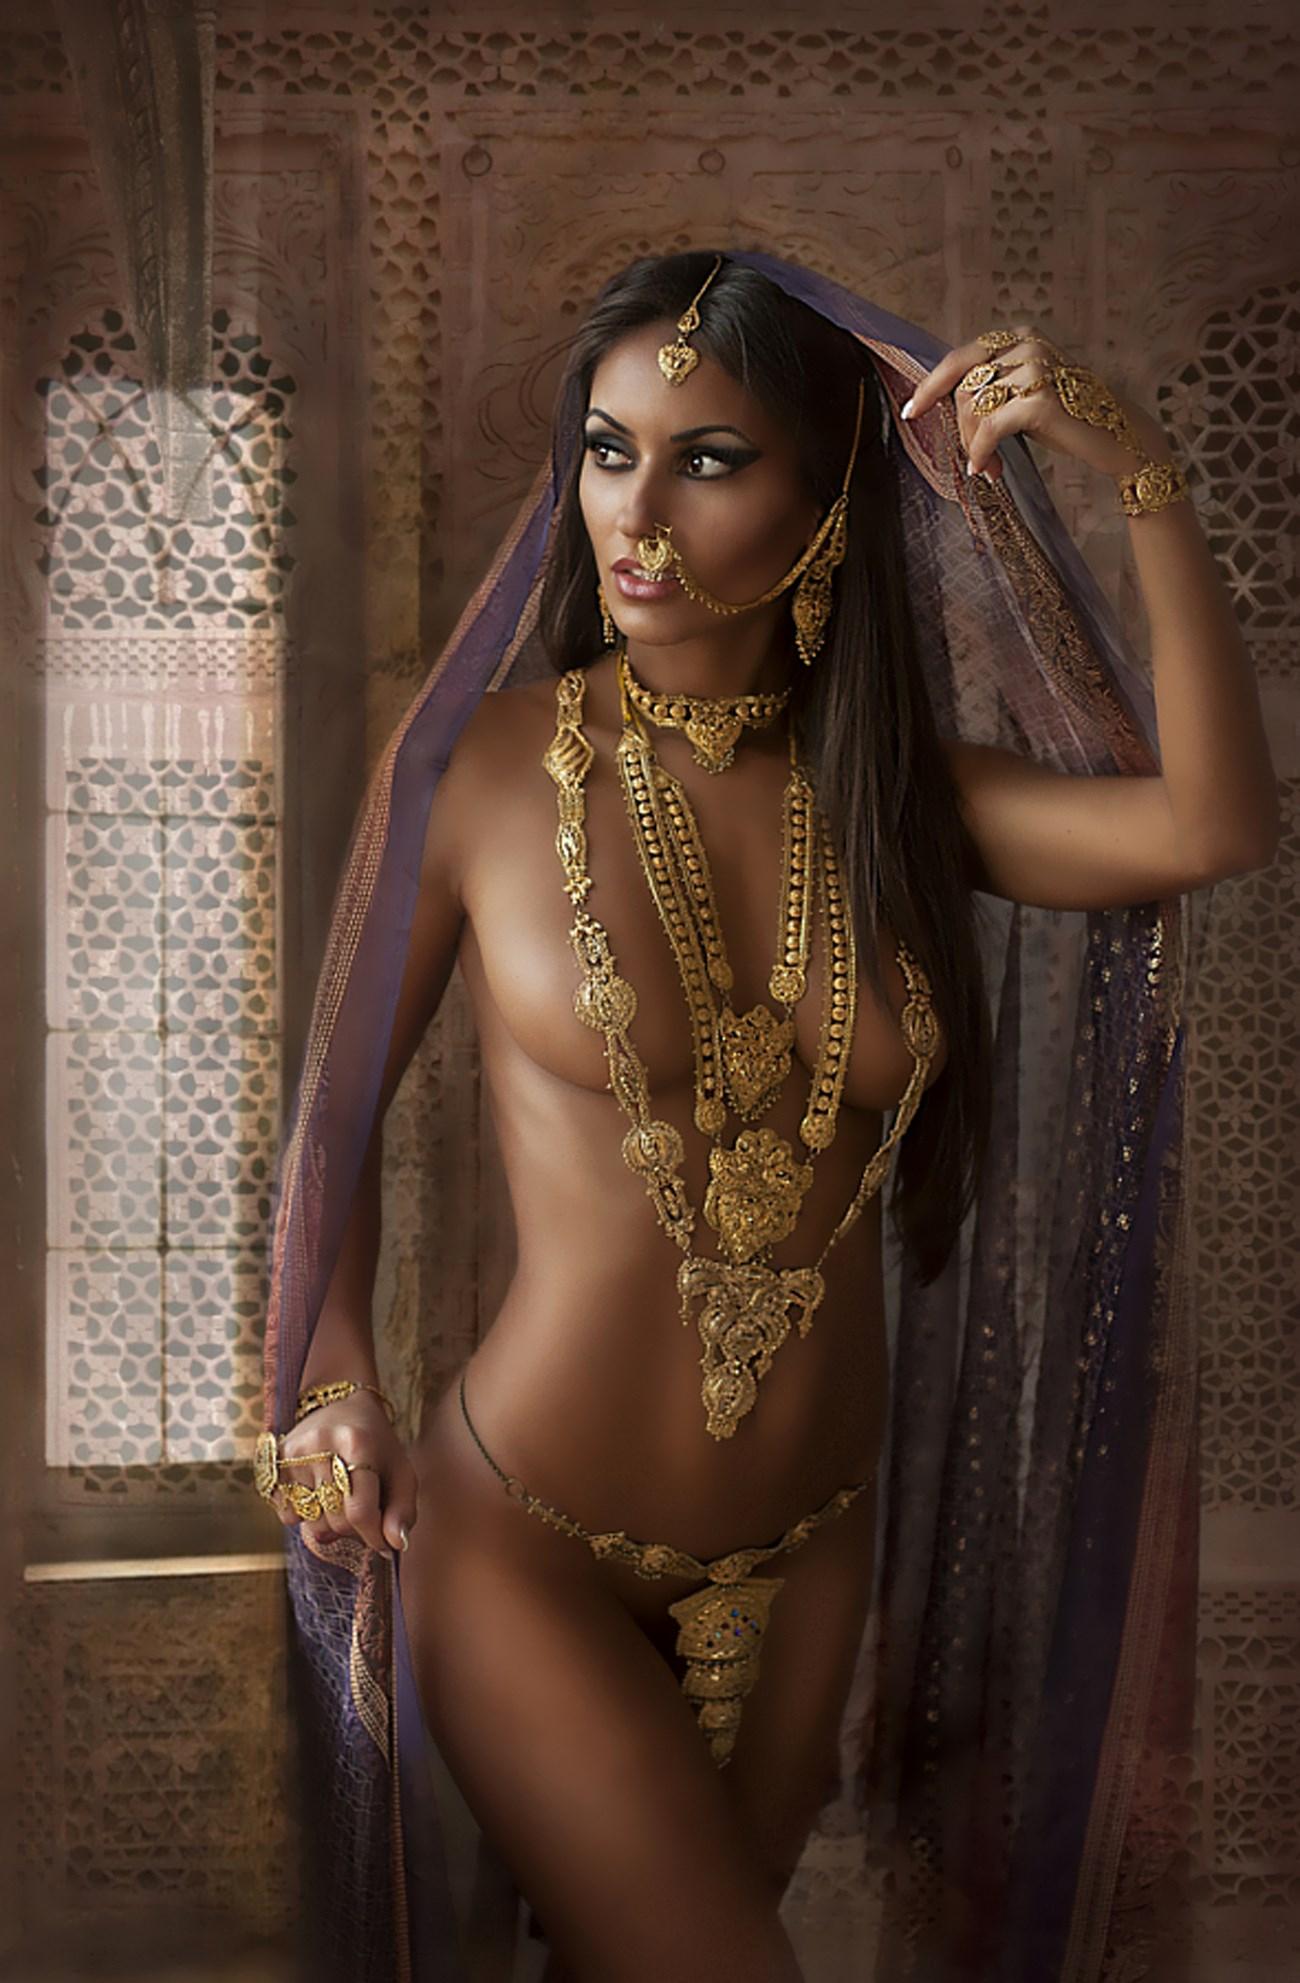 Скоморохова красивые обнаженные женщины индии